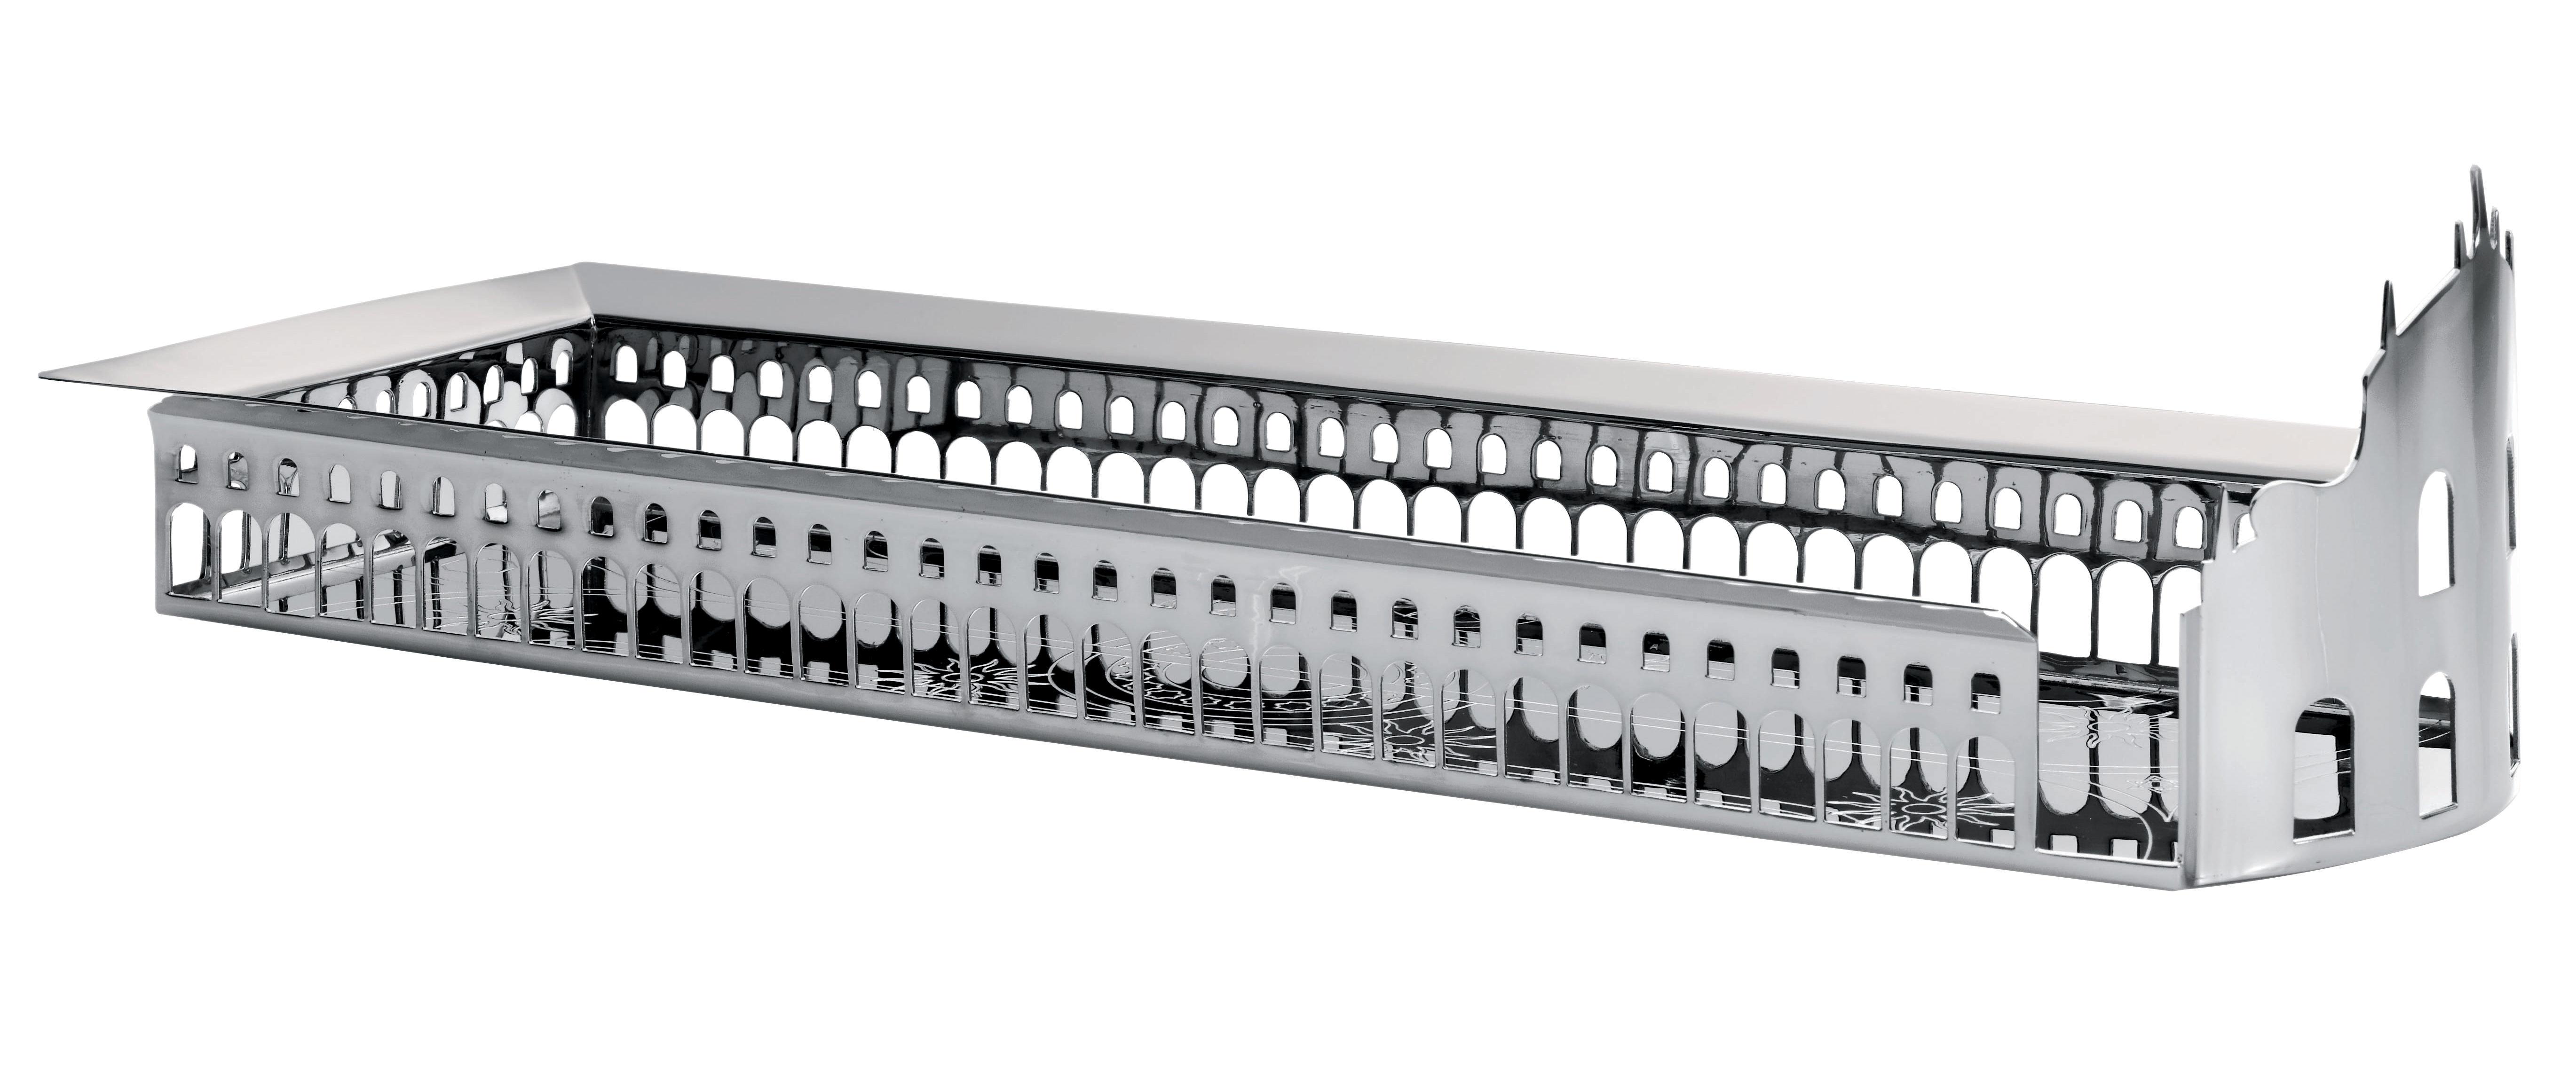 Tischkultur - Körbe, Fruchtkörbe und Tischgestecke - 100 Piazze - Vigevano Tischgesteck - Driade Kosmo - Silber - Kupfer mit Silberauflage